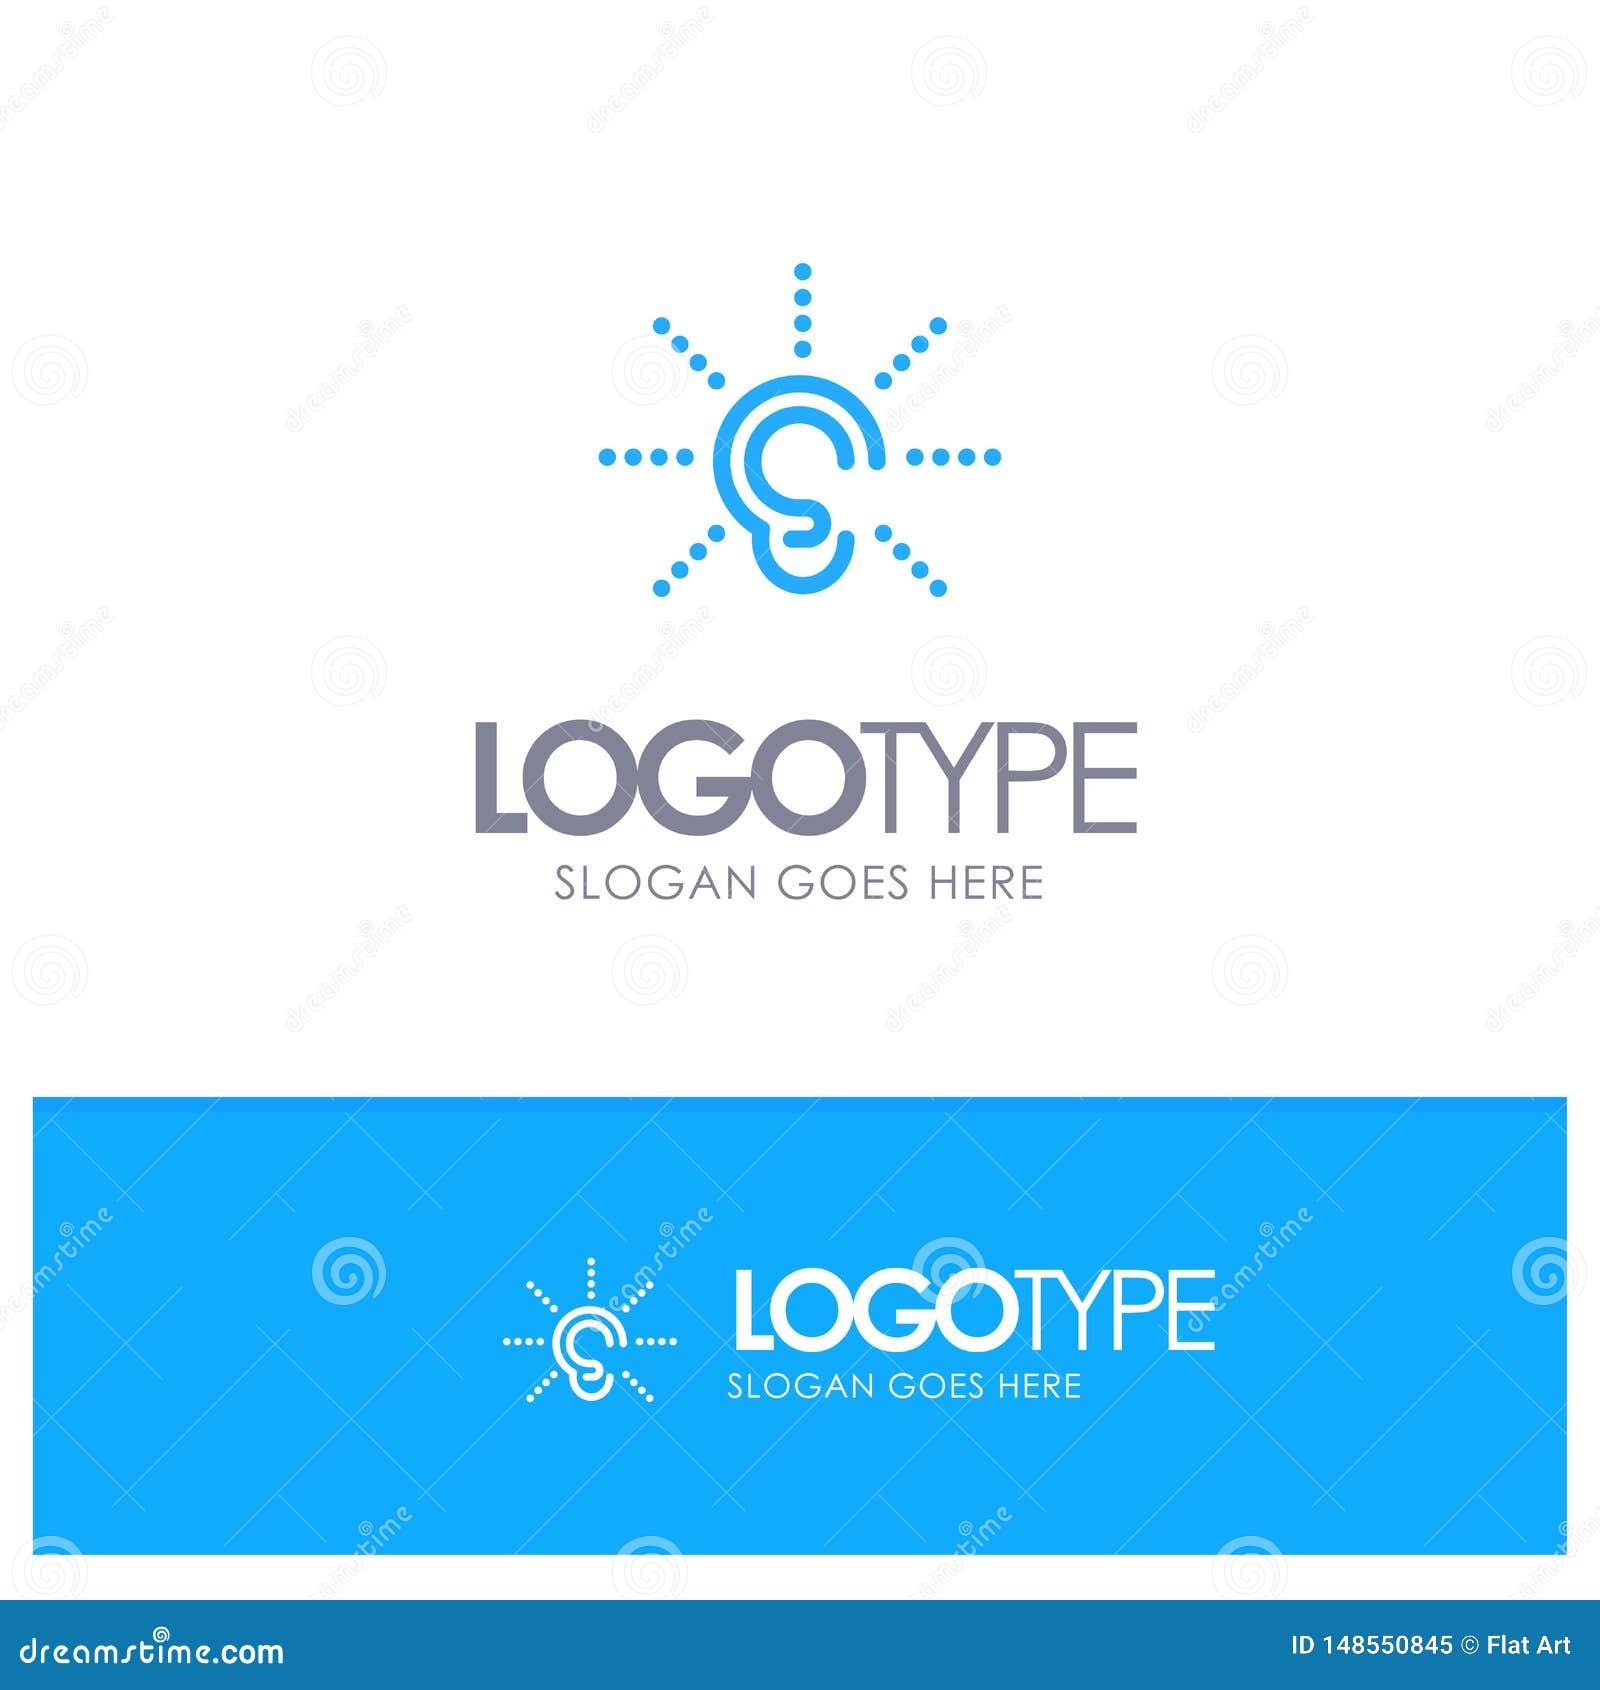 La conciencia, oído, oye, audiencia, escucha logotipo azul del esquema con el lugar tagline